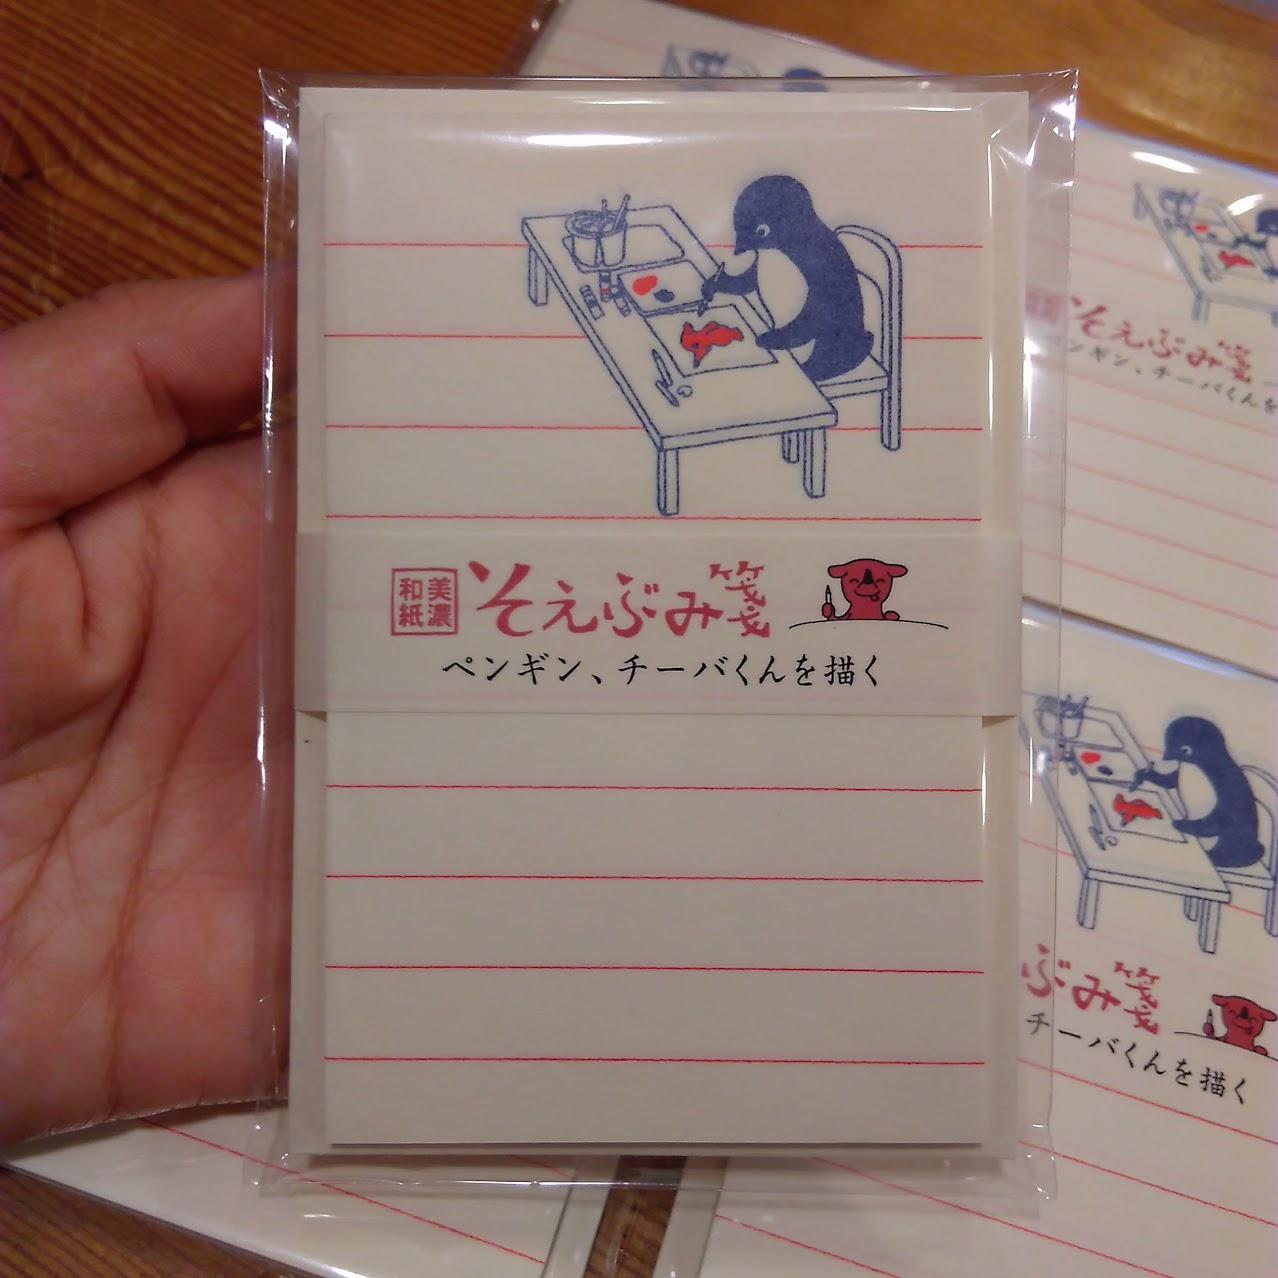 【さかざきちはるさんの文具第一弾】そえぶみ箋発売!